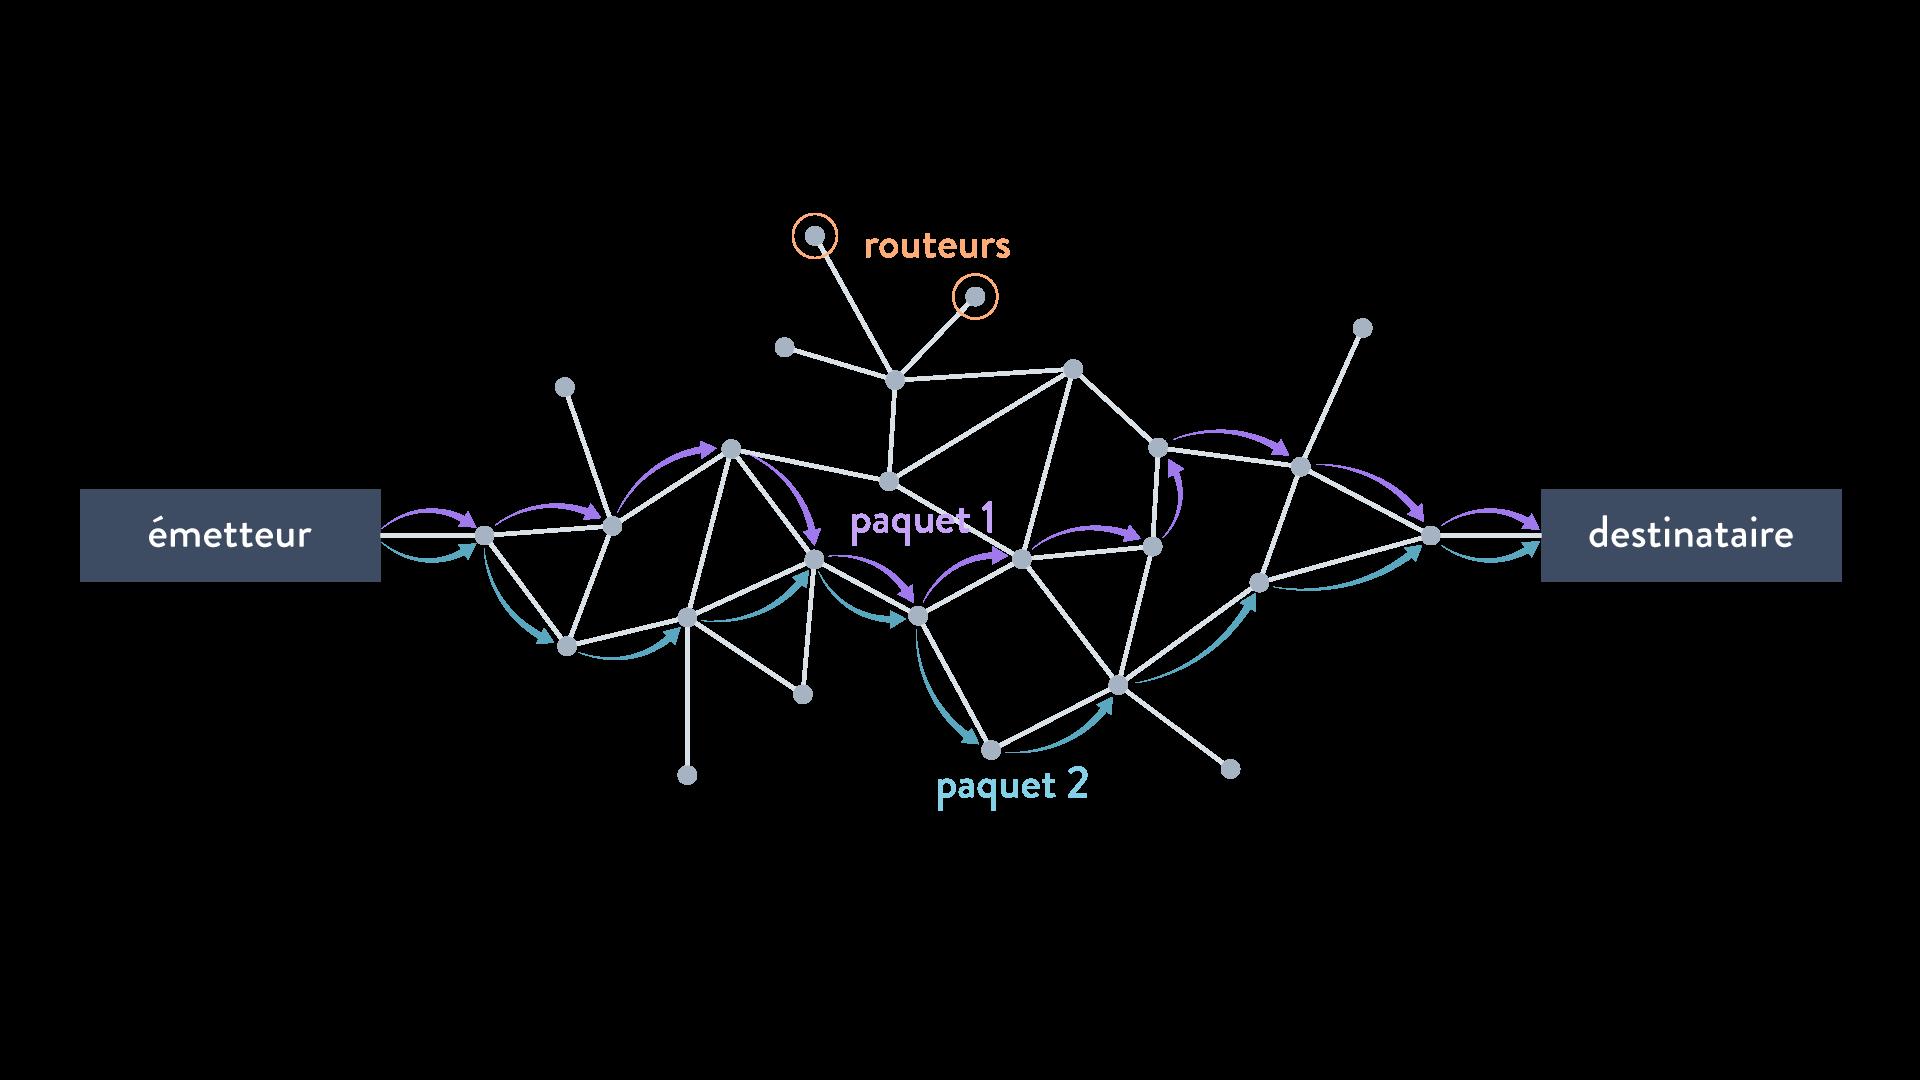 Deux paquets peuvent emprunter deux chemins différents routeur